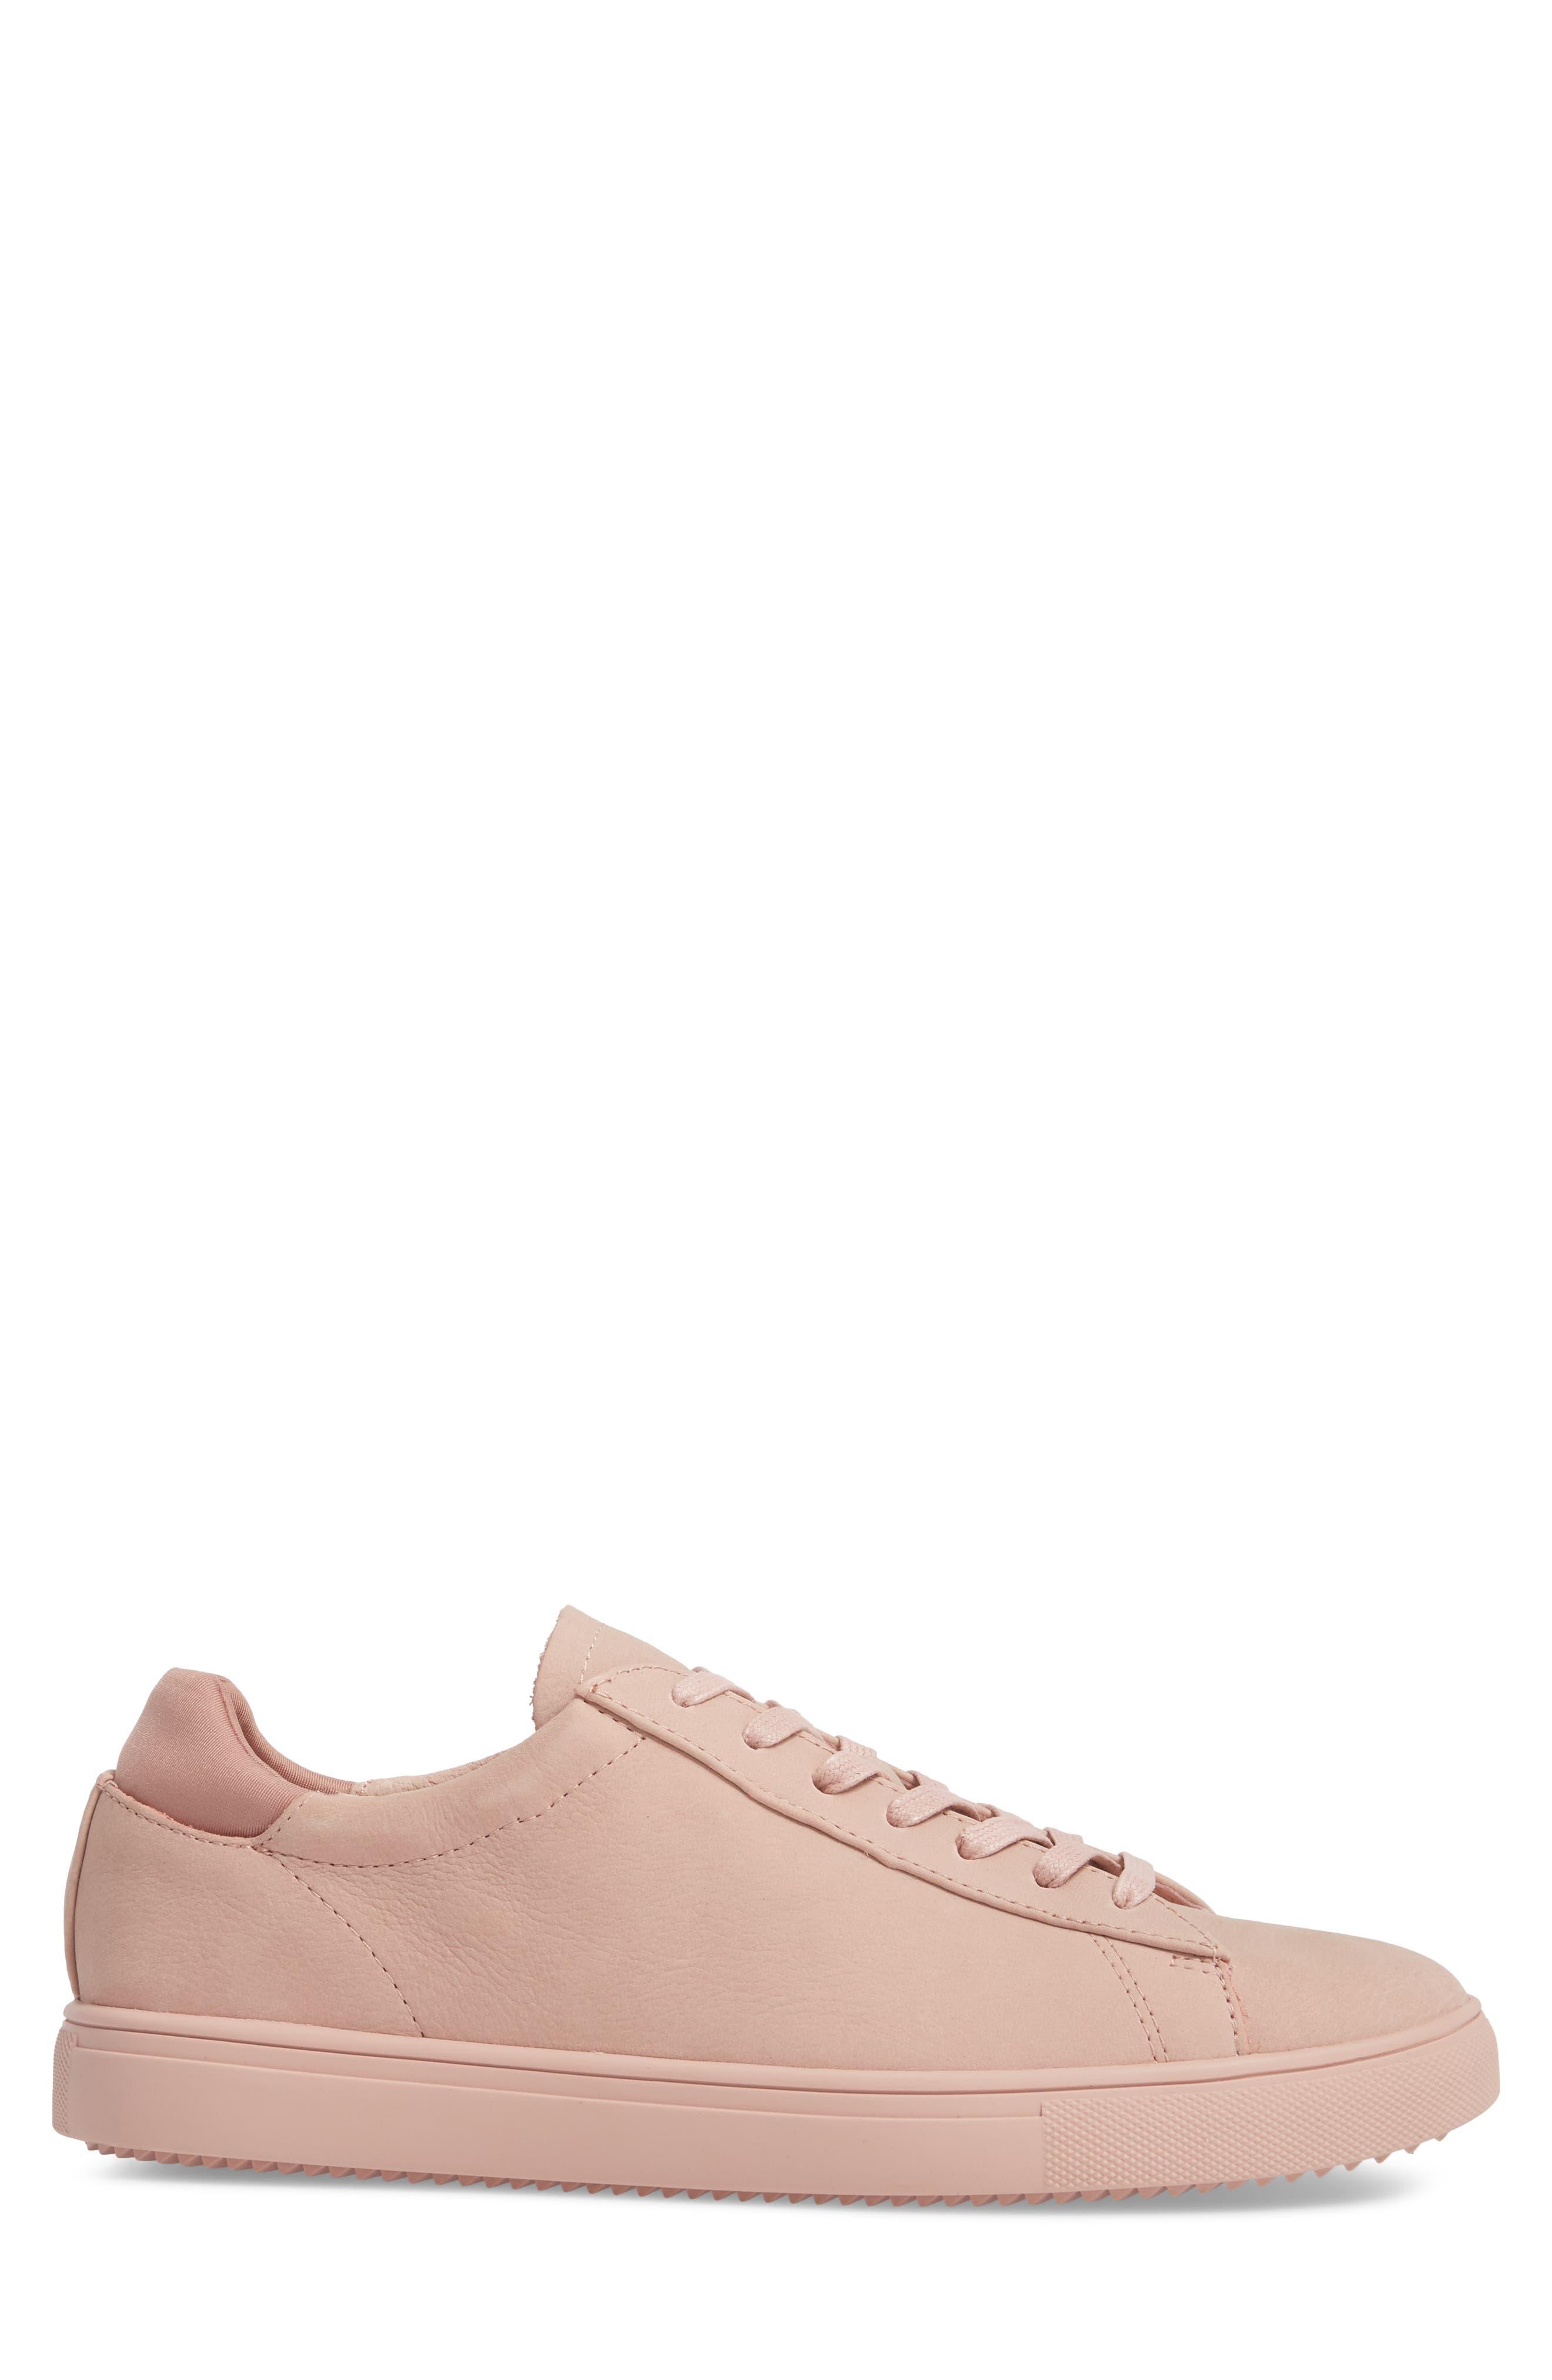 'Bradley' Sneaker,                             Alternate thumbnail 3, color,                             ROSE NUBUCK